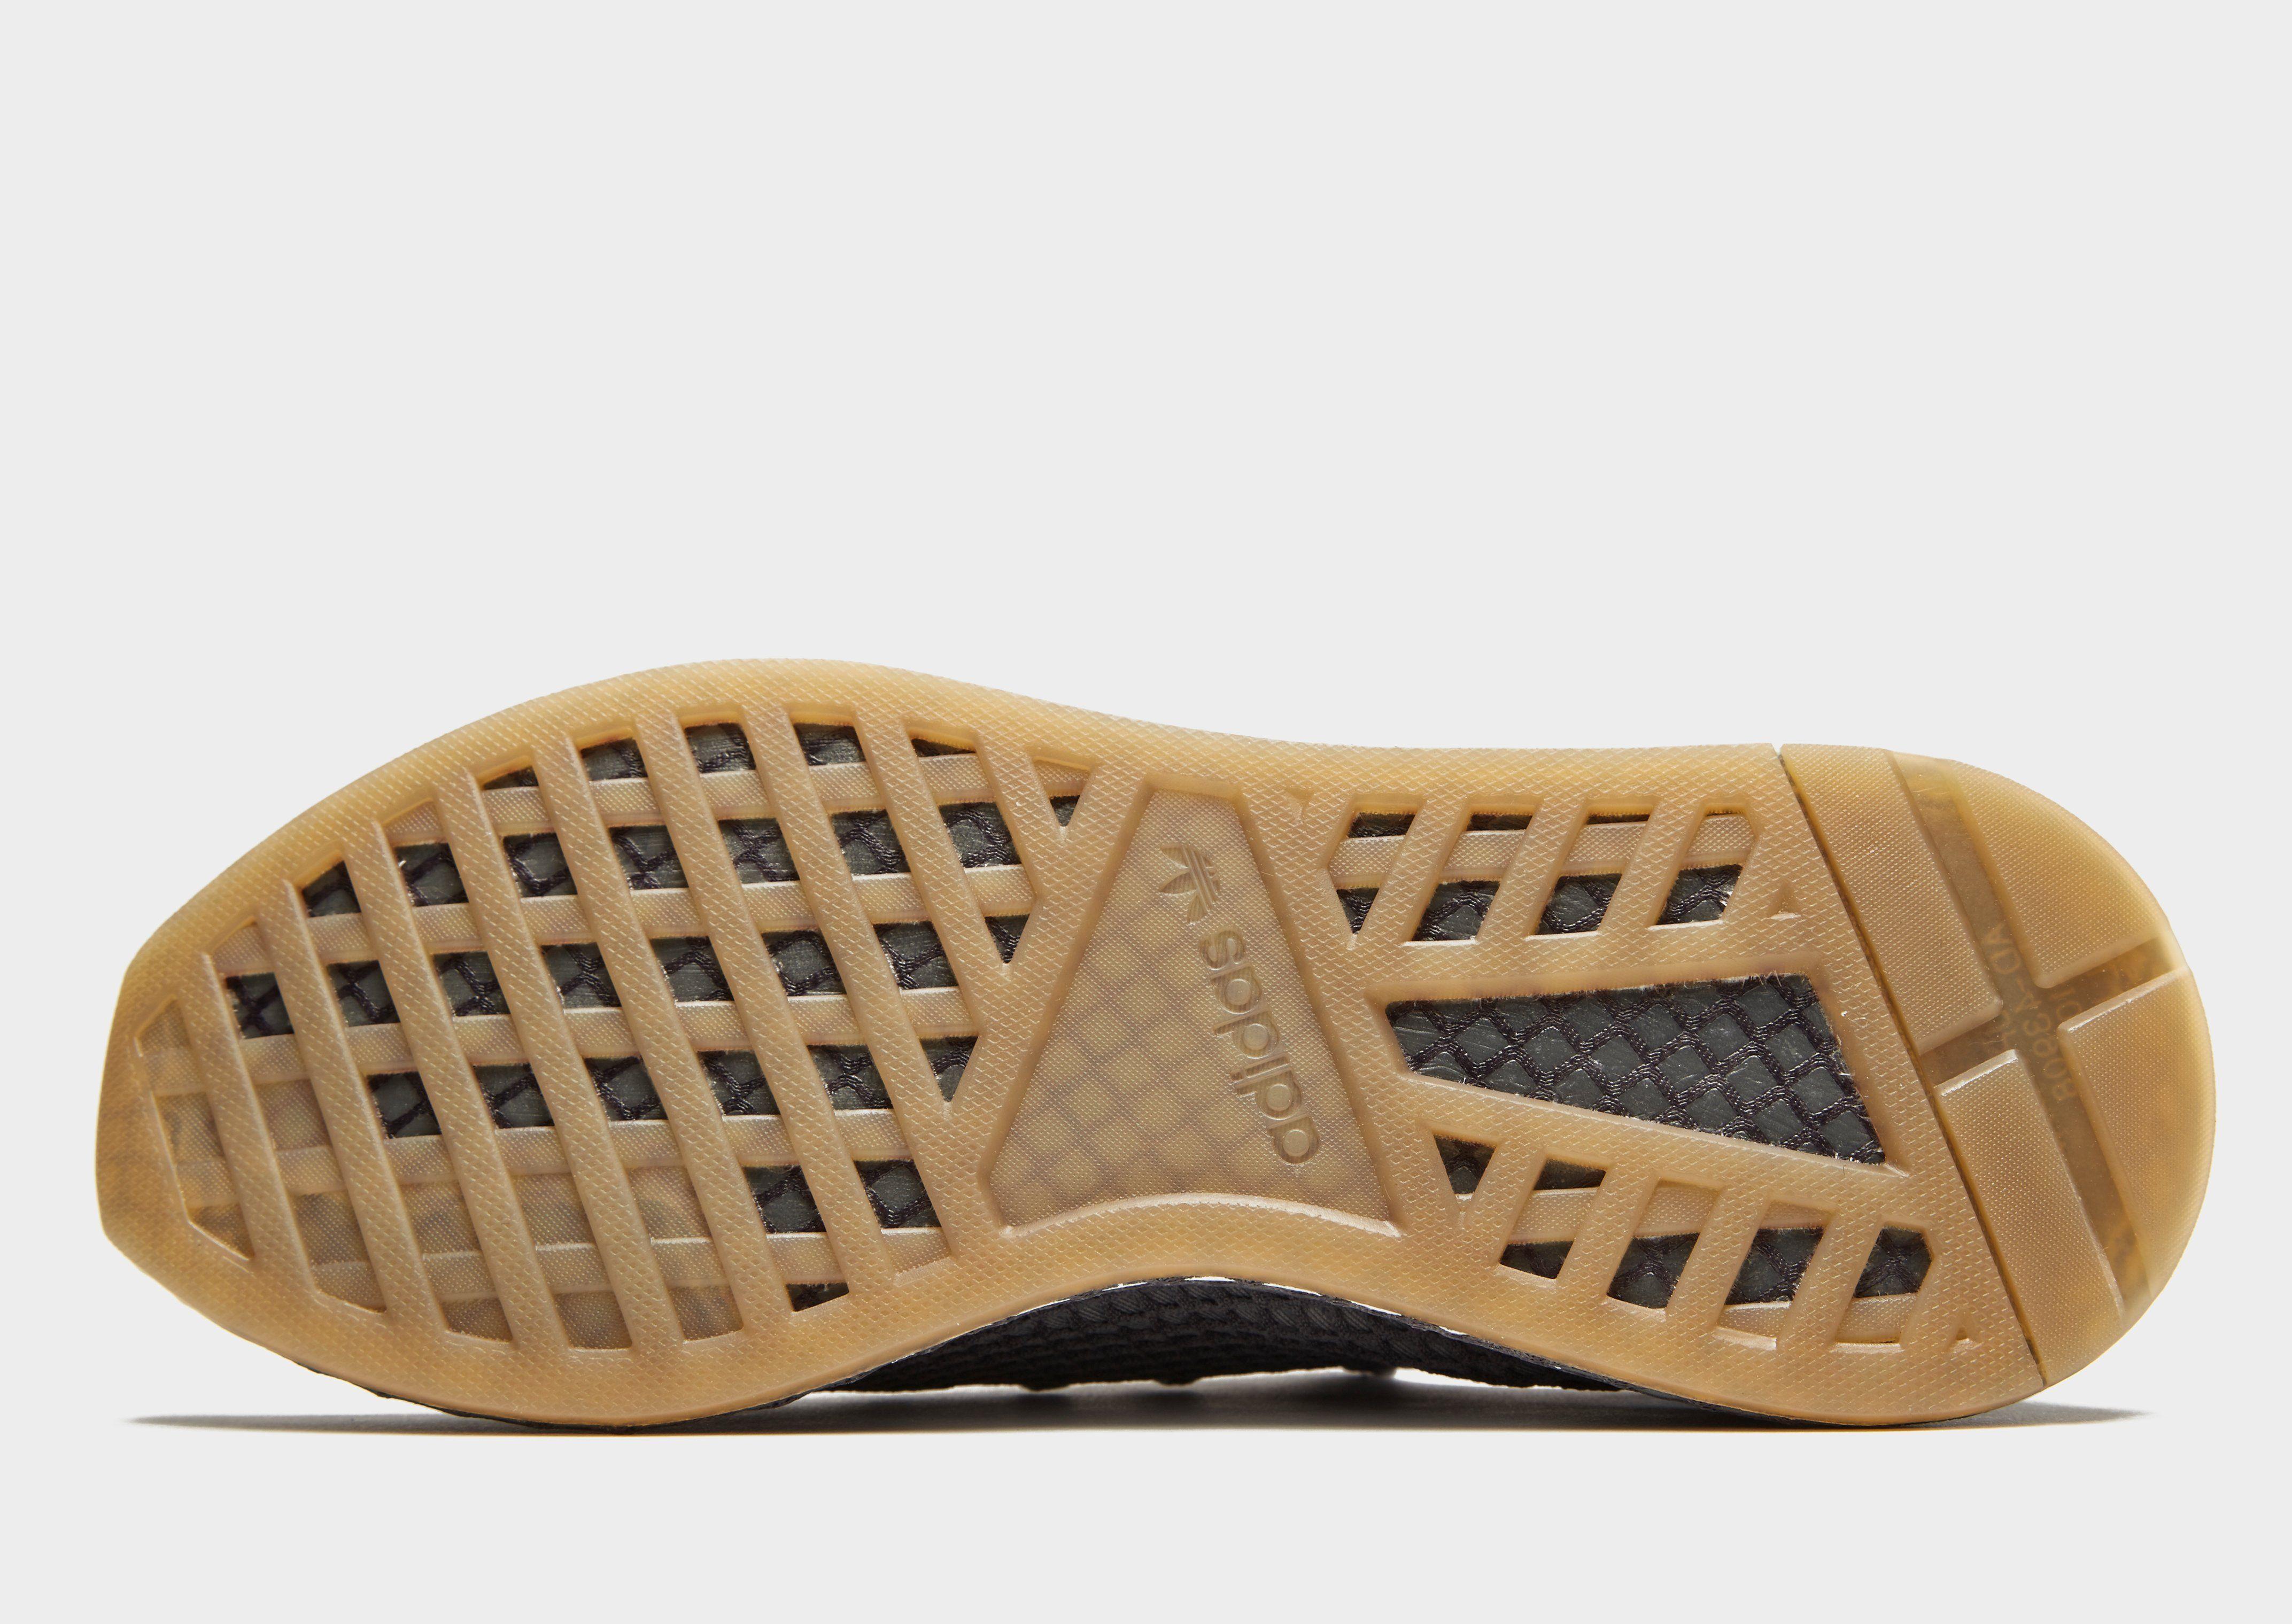 Die Günstigste Online Tolle adidas Originals Deerupt Grau Kaufen Billig Zu Kaufen Billig Verkauf Kauf l8WVf